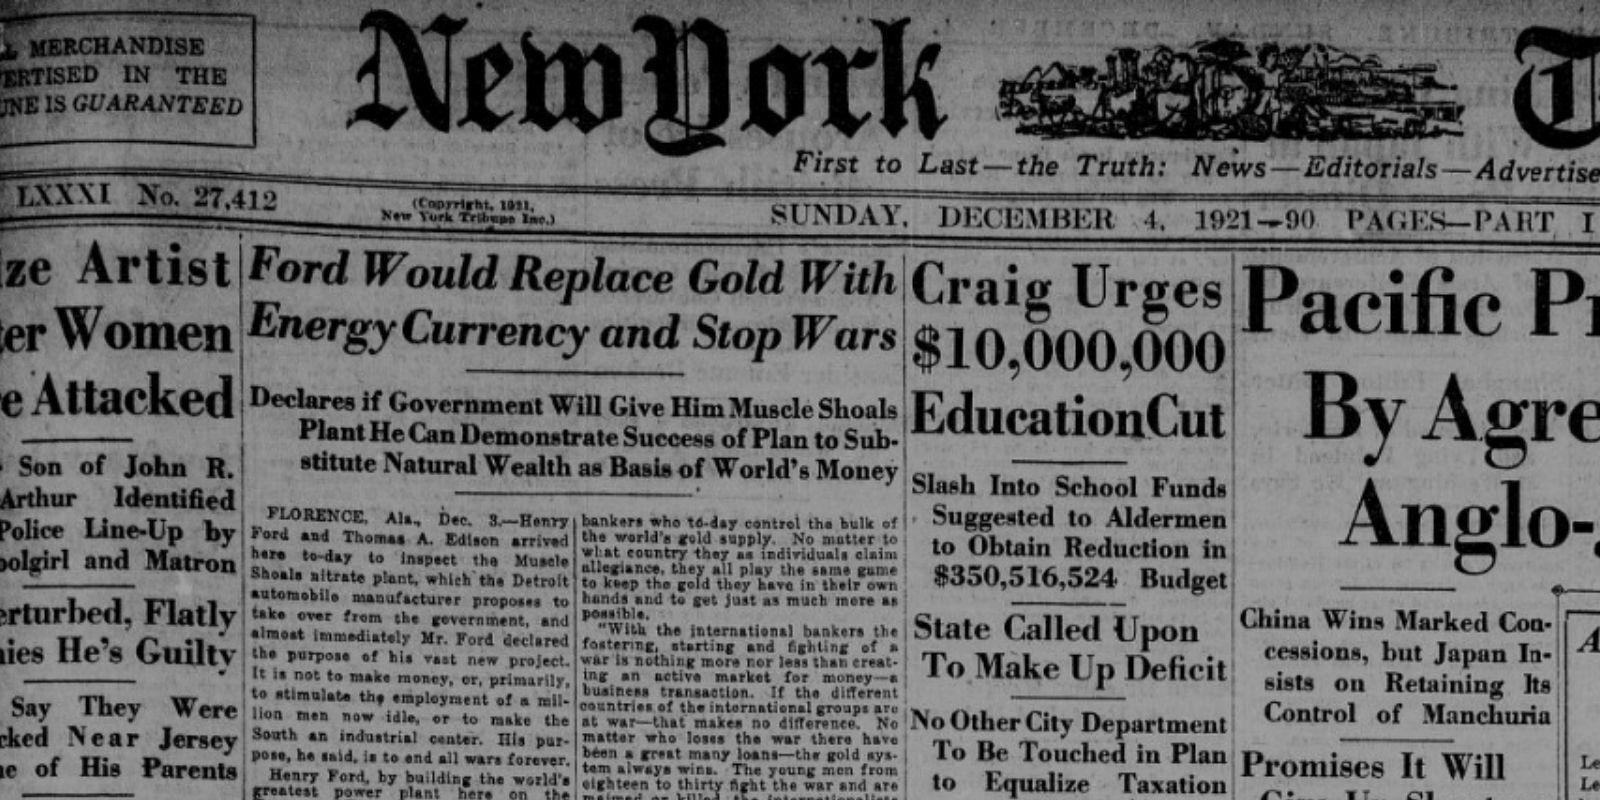 Une du NY Tribune du 4 décembre 1921 à propos de la monnaie énergie de Ford